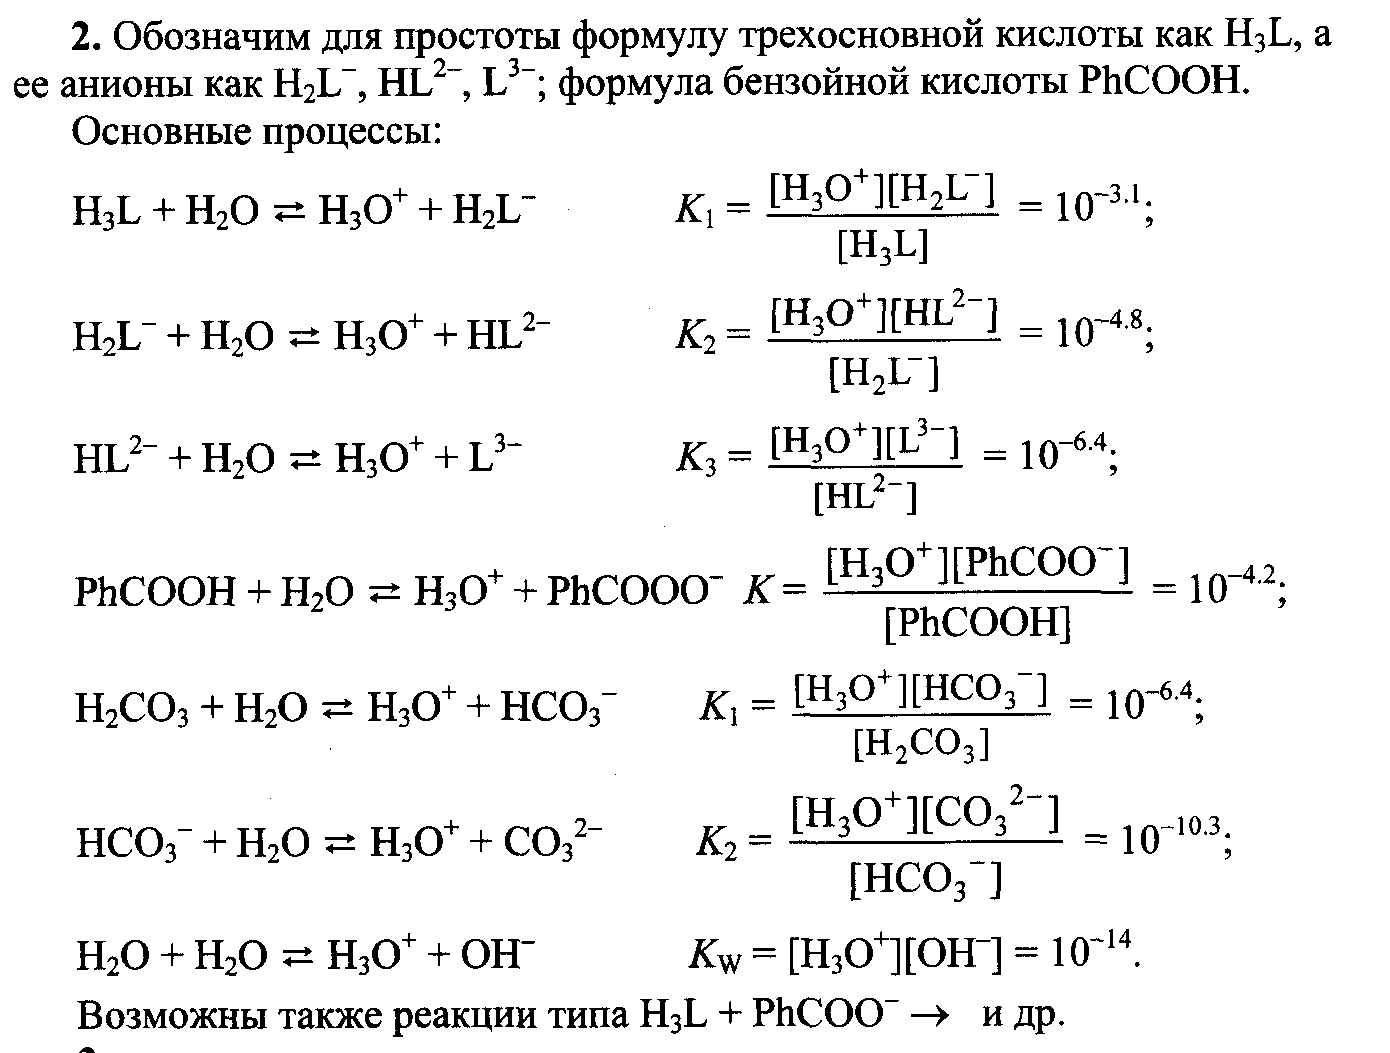 Как решить задачу по химии образование решить задачу равно 30